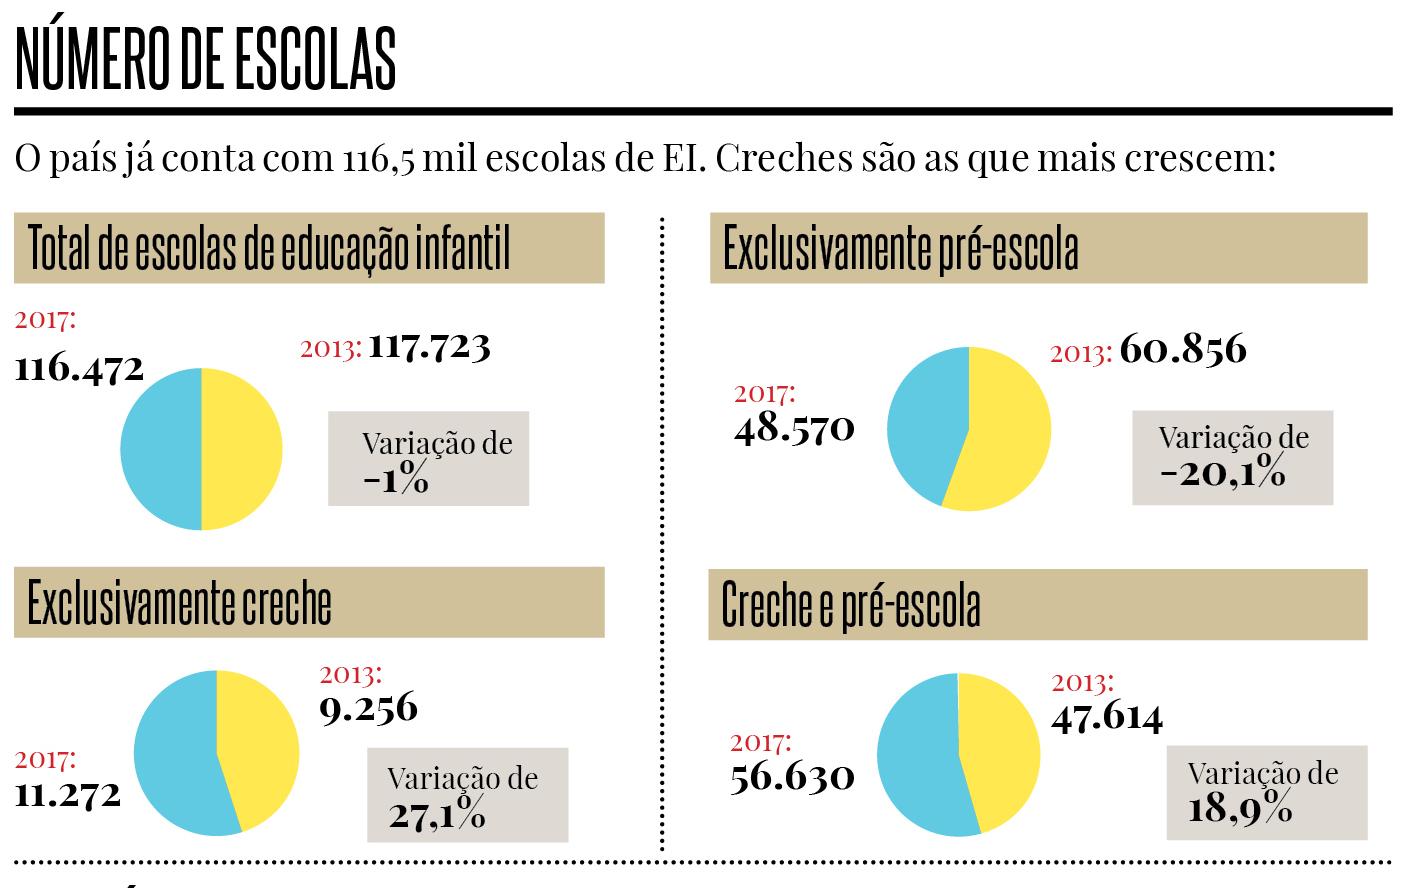 De acordo com dados do Censo Escolar, instituições que oferecem apenas a pré-escola estão em declínio, enquanto as creches estão em expansão